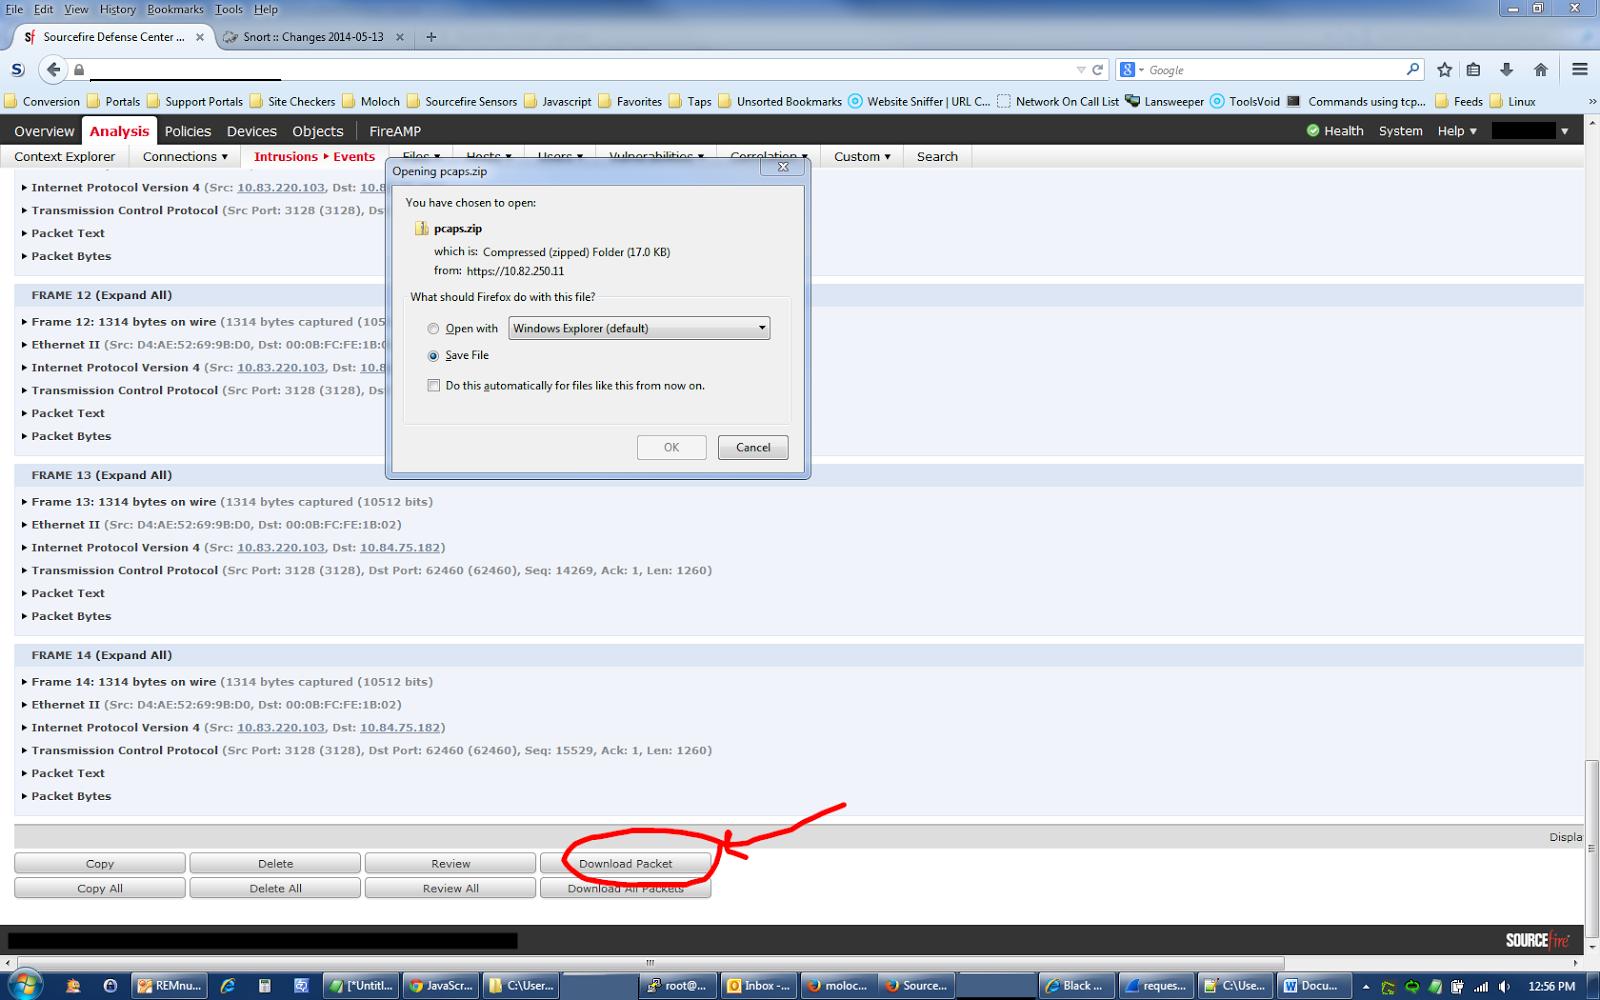 JeffSoh on NetSec: Decompress gzip'd HTTP data from